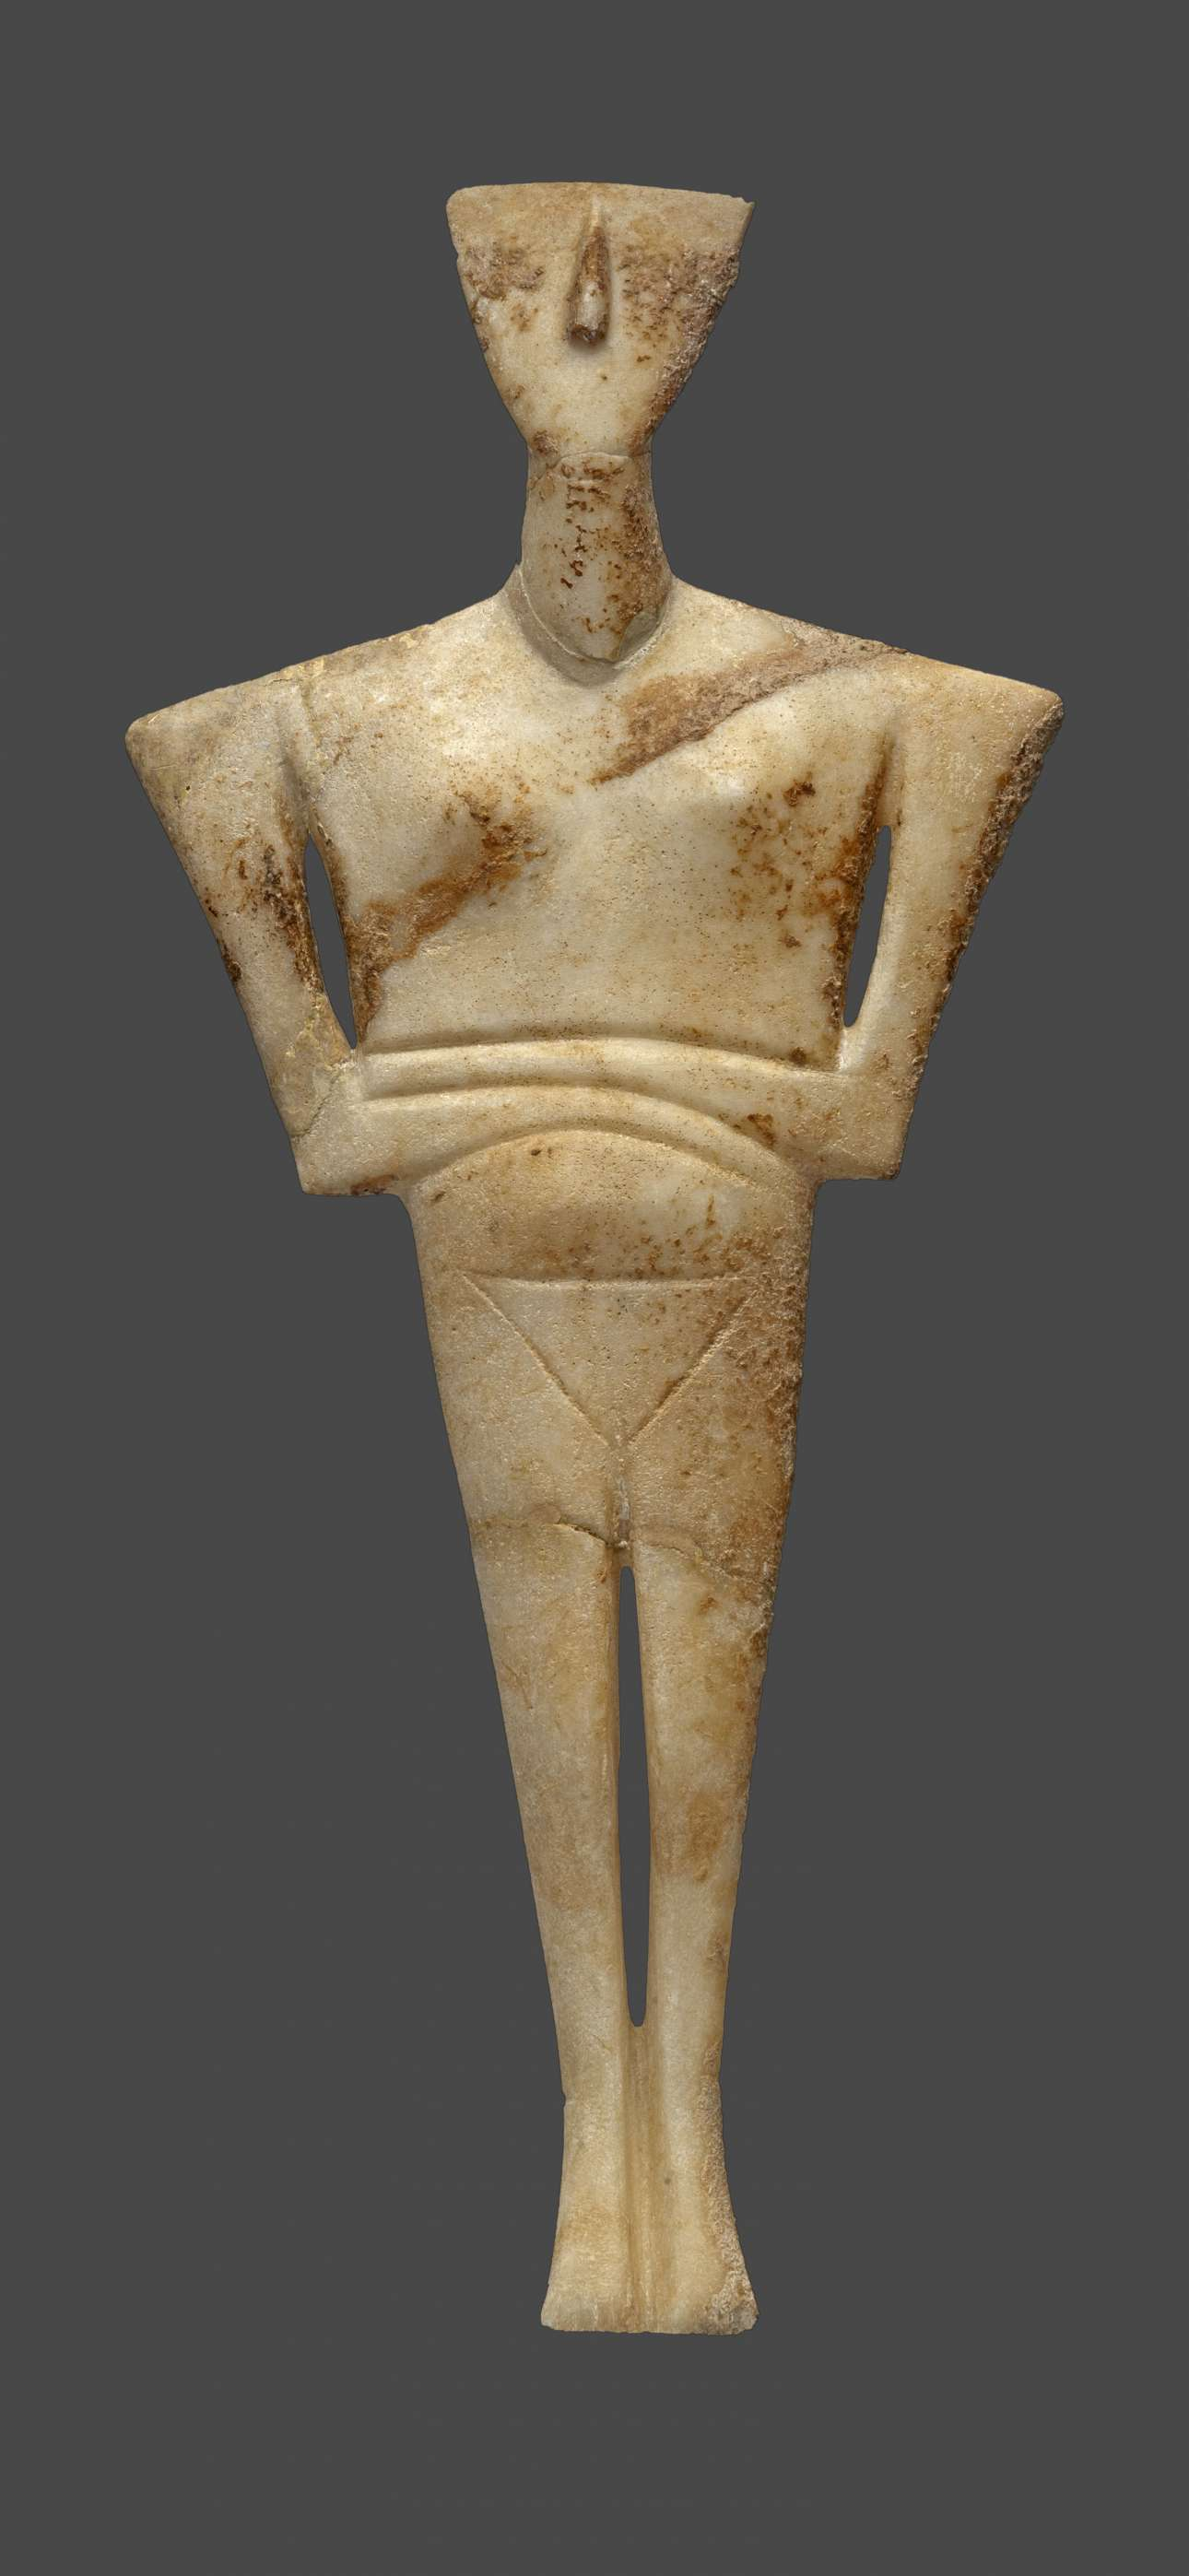 Μαρμάρινο ειδώλιο γυναικείας μορφής (παραλλαγή Δωκαθισμάτων), από το νεκροταφείο Χαλανδριανής Σύρου (2700-2300 π.Χ.). © (ΕΑΜ/ΤΑΠ. Φωτ. Σ. Μαυρομμάτης)